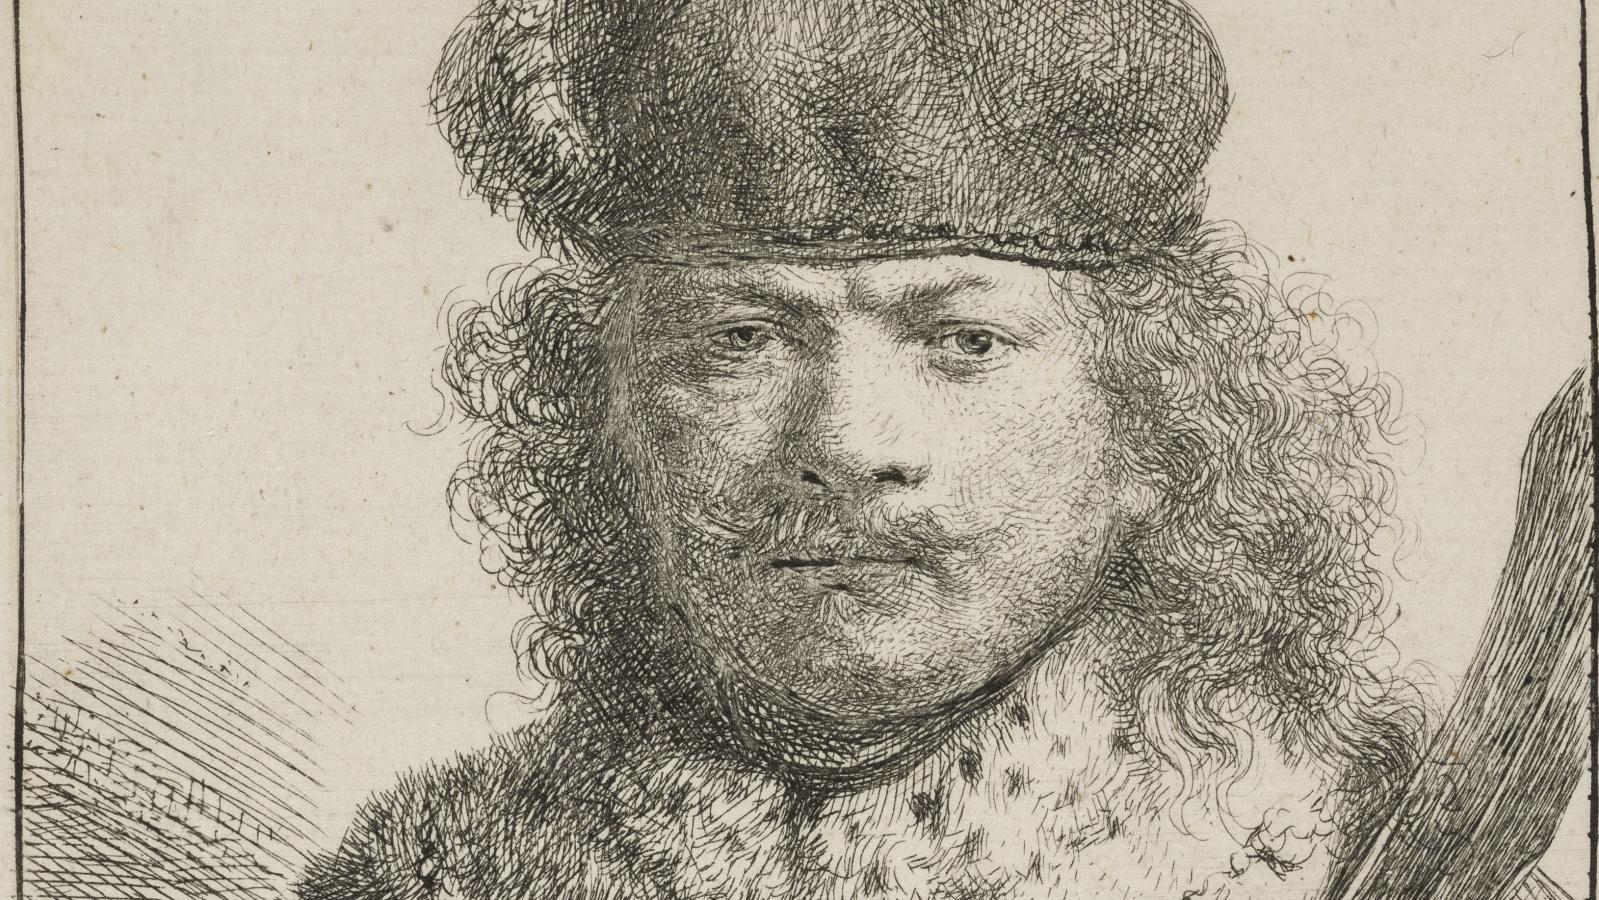 Rembrandt / Autoportrét, 1634